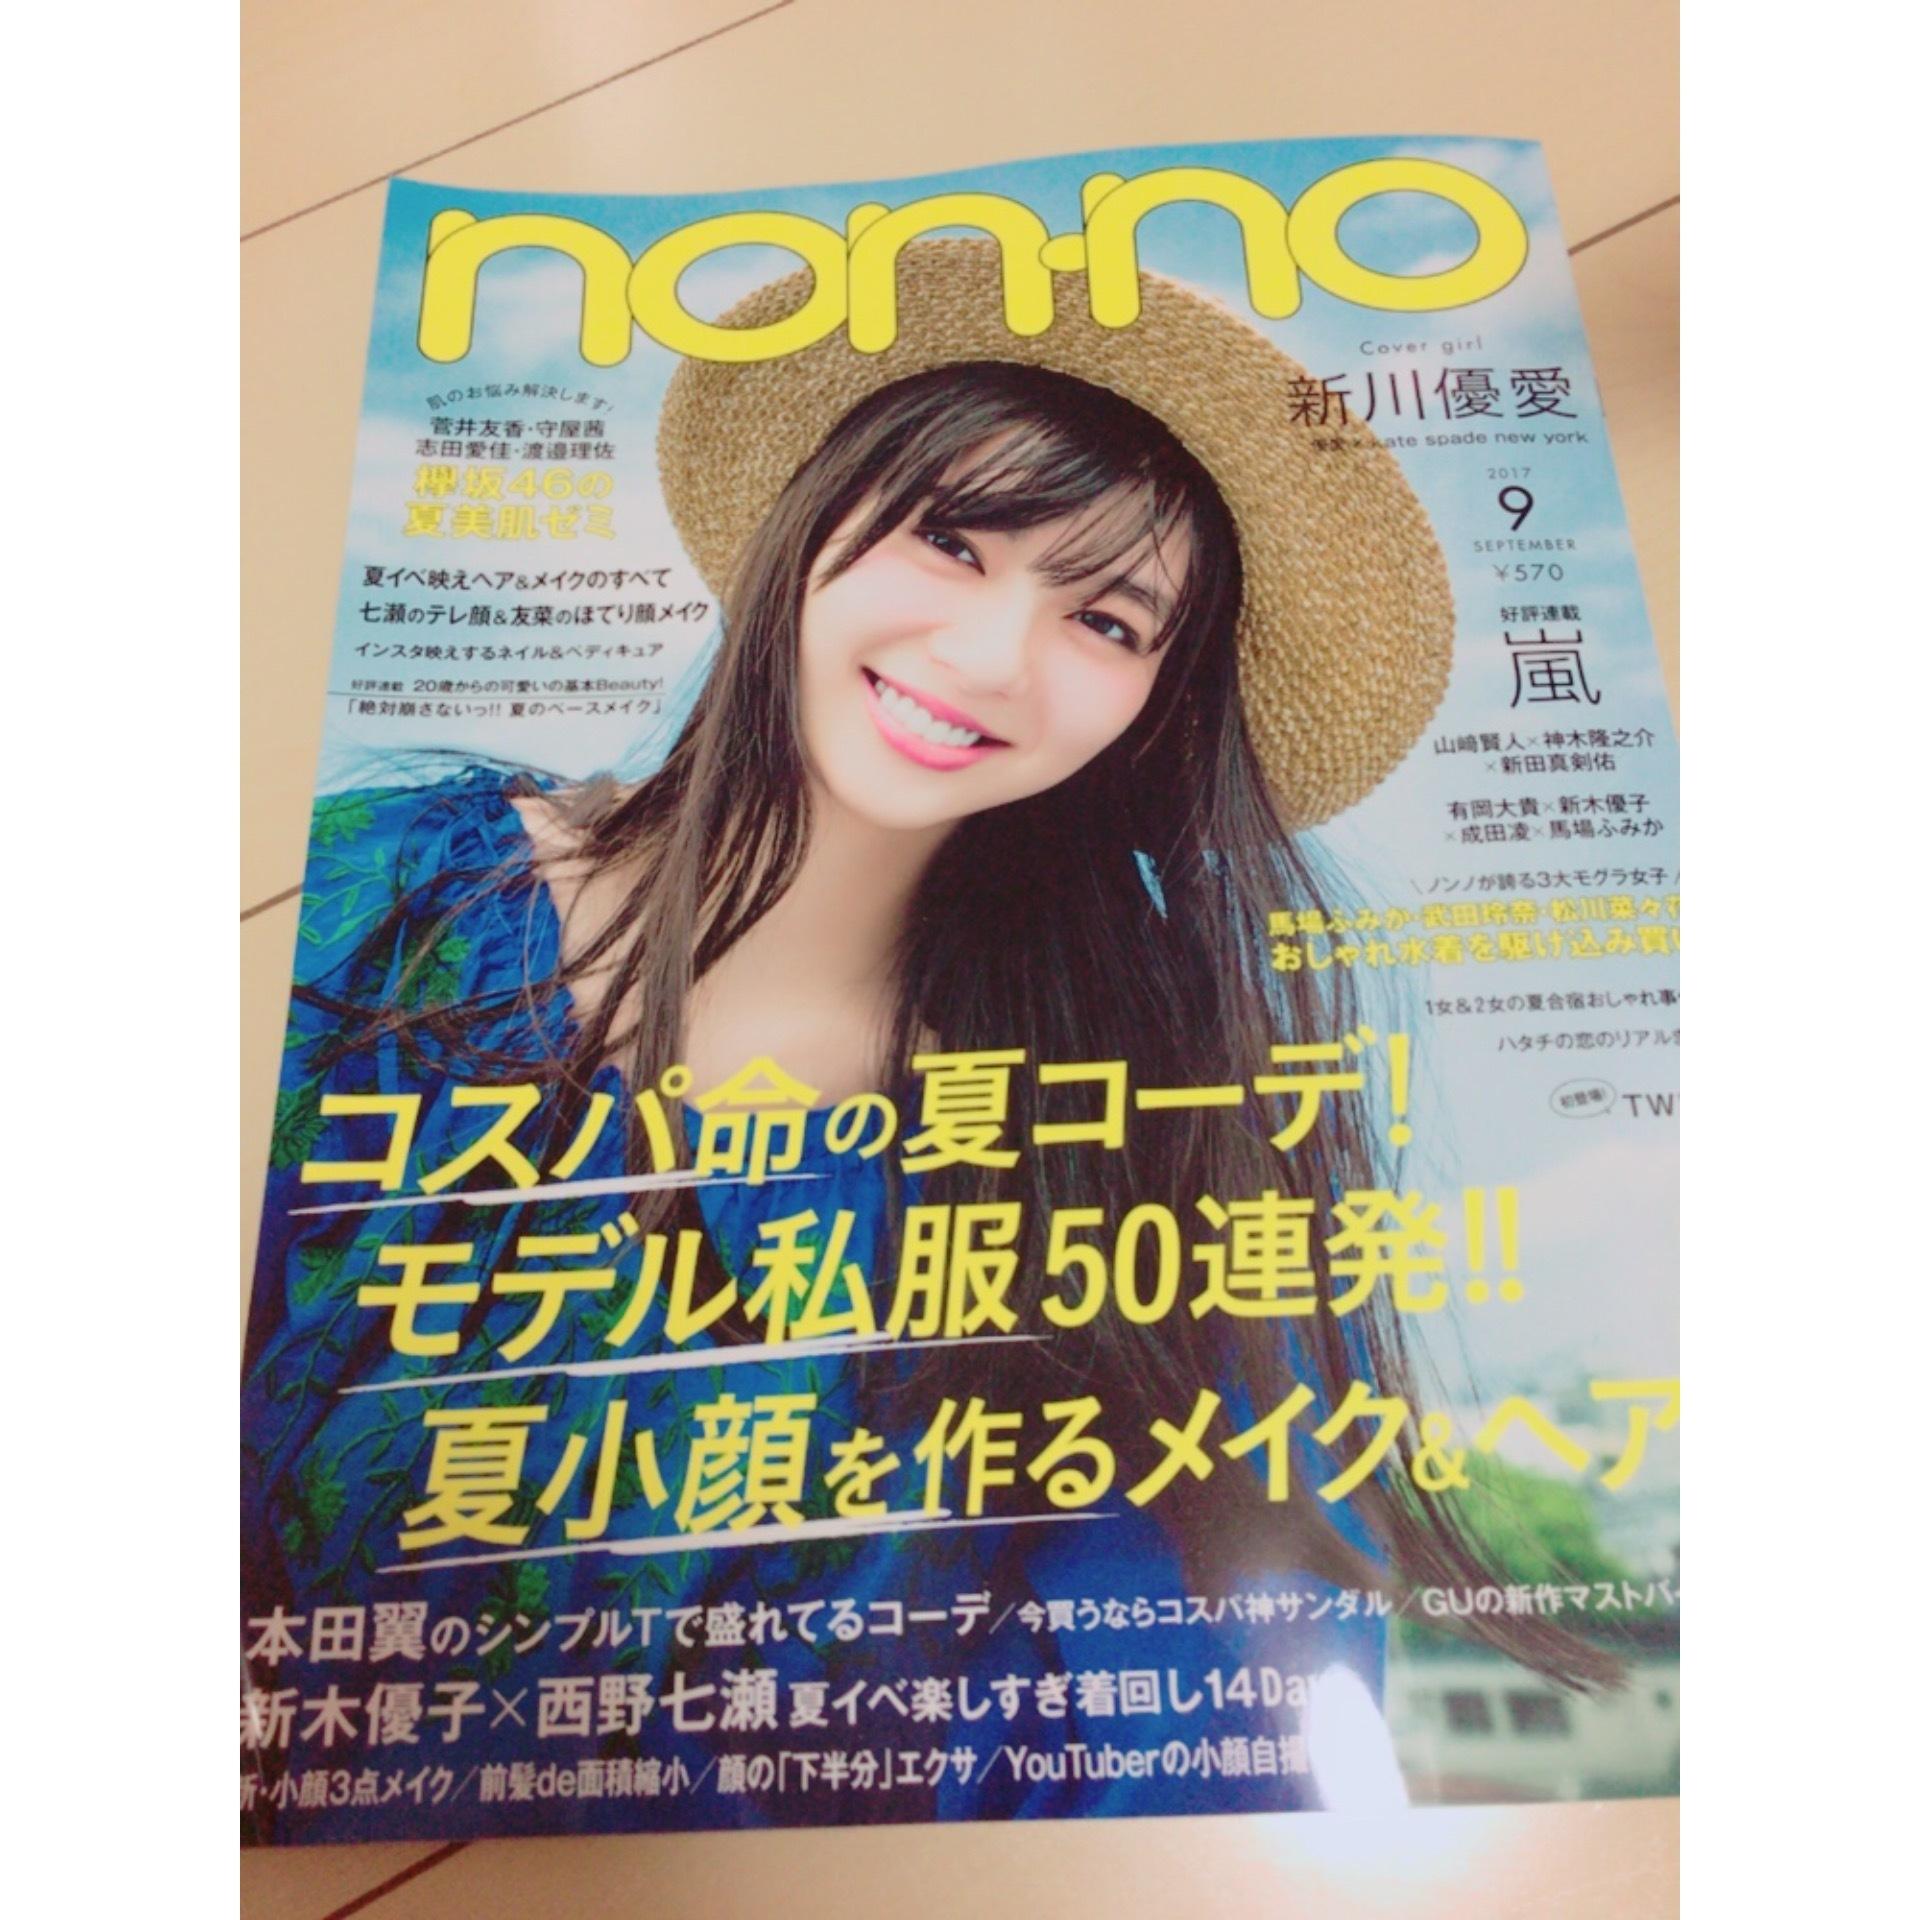 nonno9月号の見どころ紹介☆_1_1